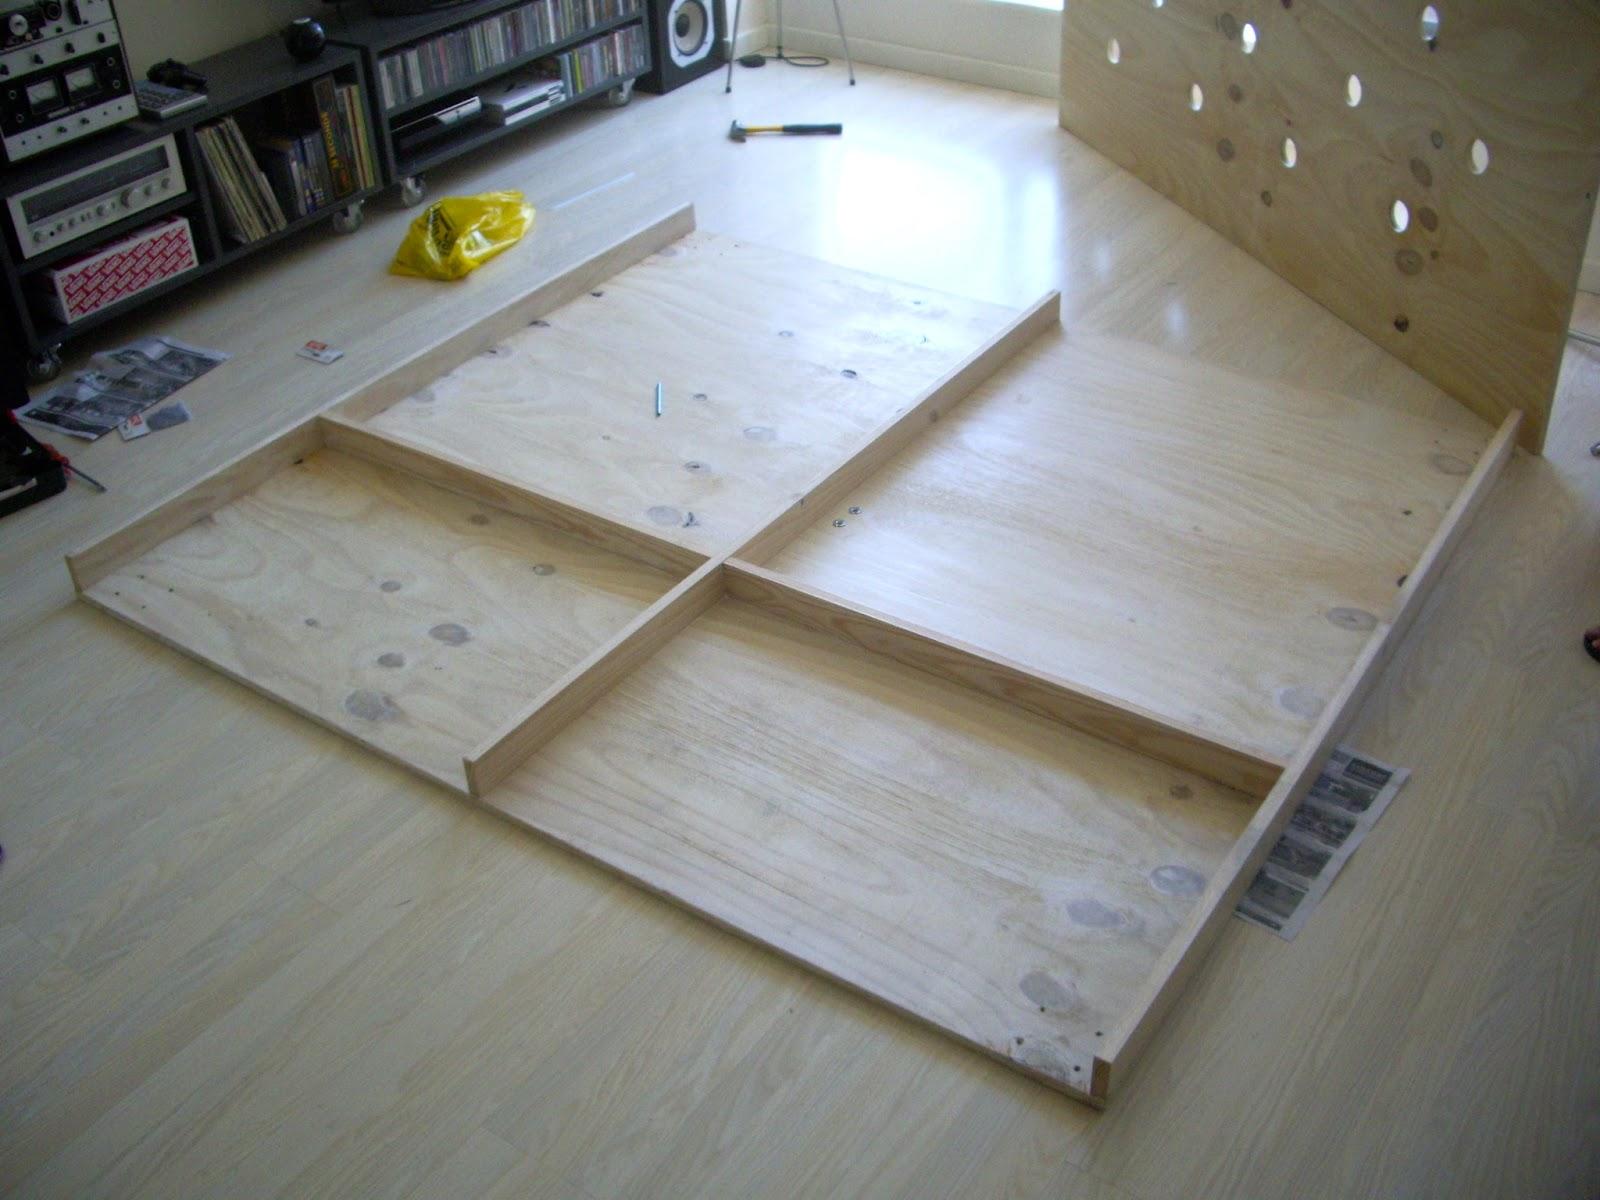 A DIY Bed